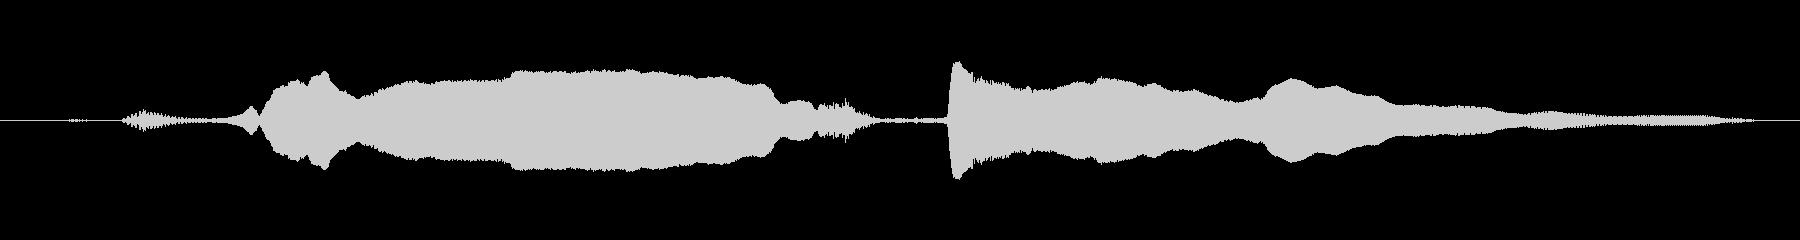 鳴き声 u湖オーバー興奮女性ロング03の未再生の波形